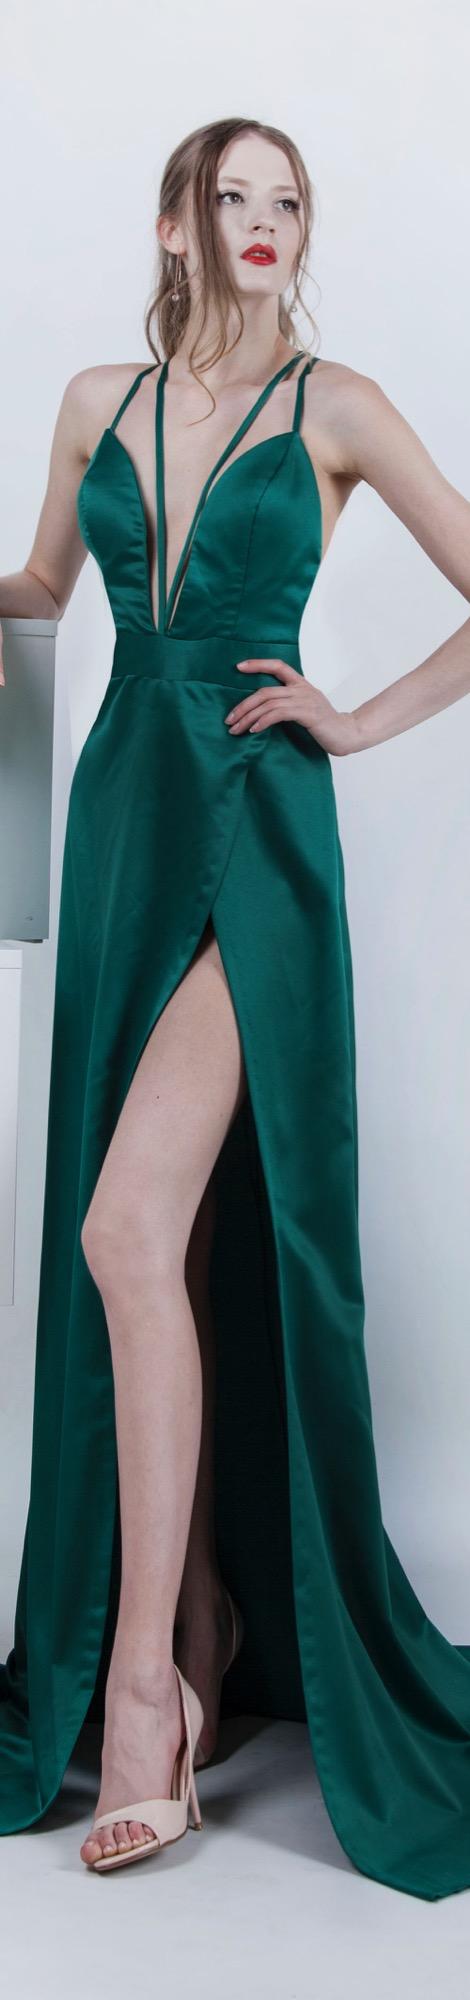 Robe de soirée verte d'une allure très sexy achat